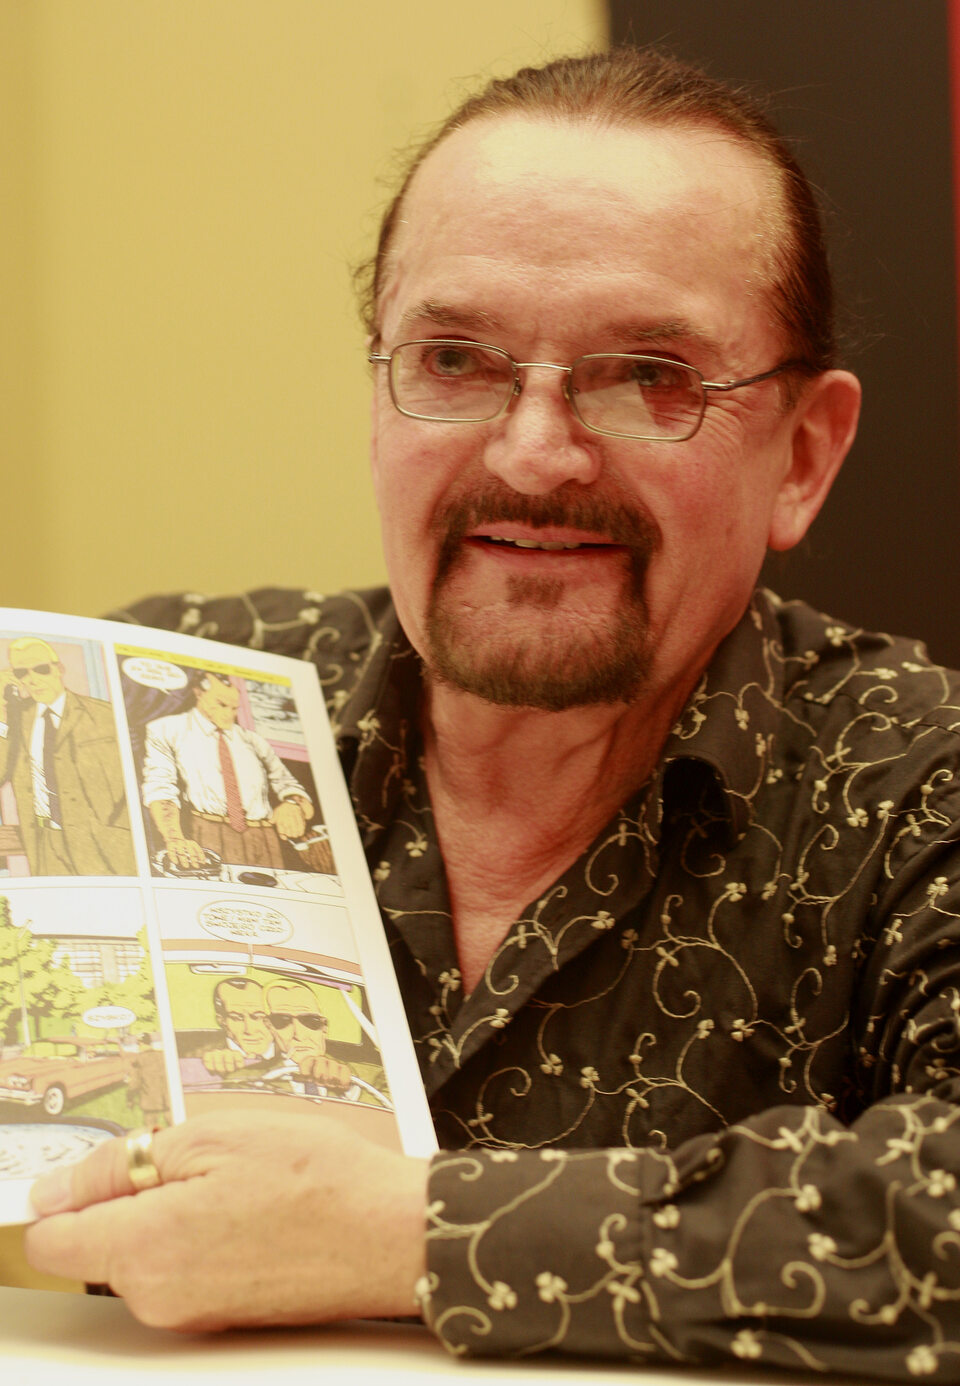 Bogusław Polch, jeden z autorów komiksów o Kapitanie Żbiku